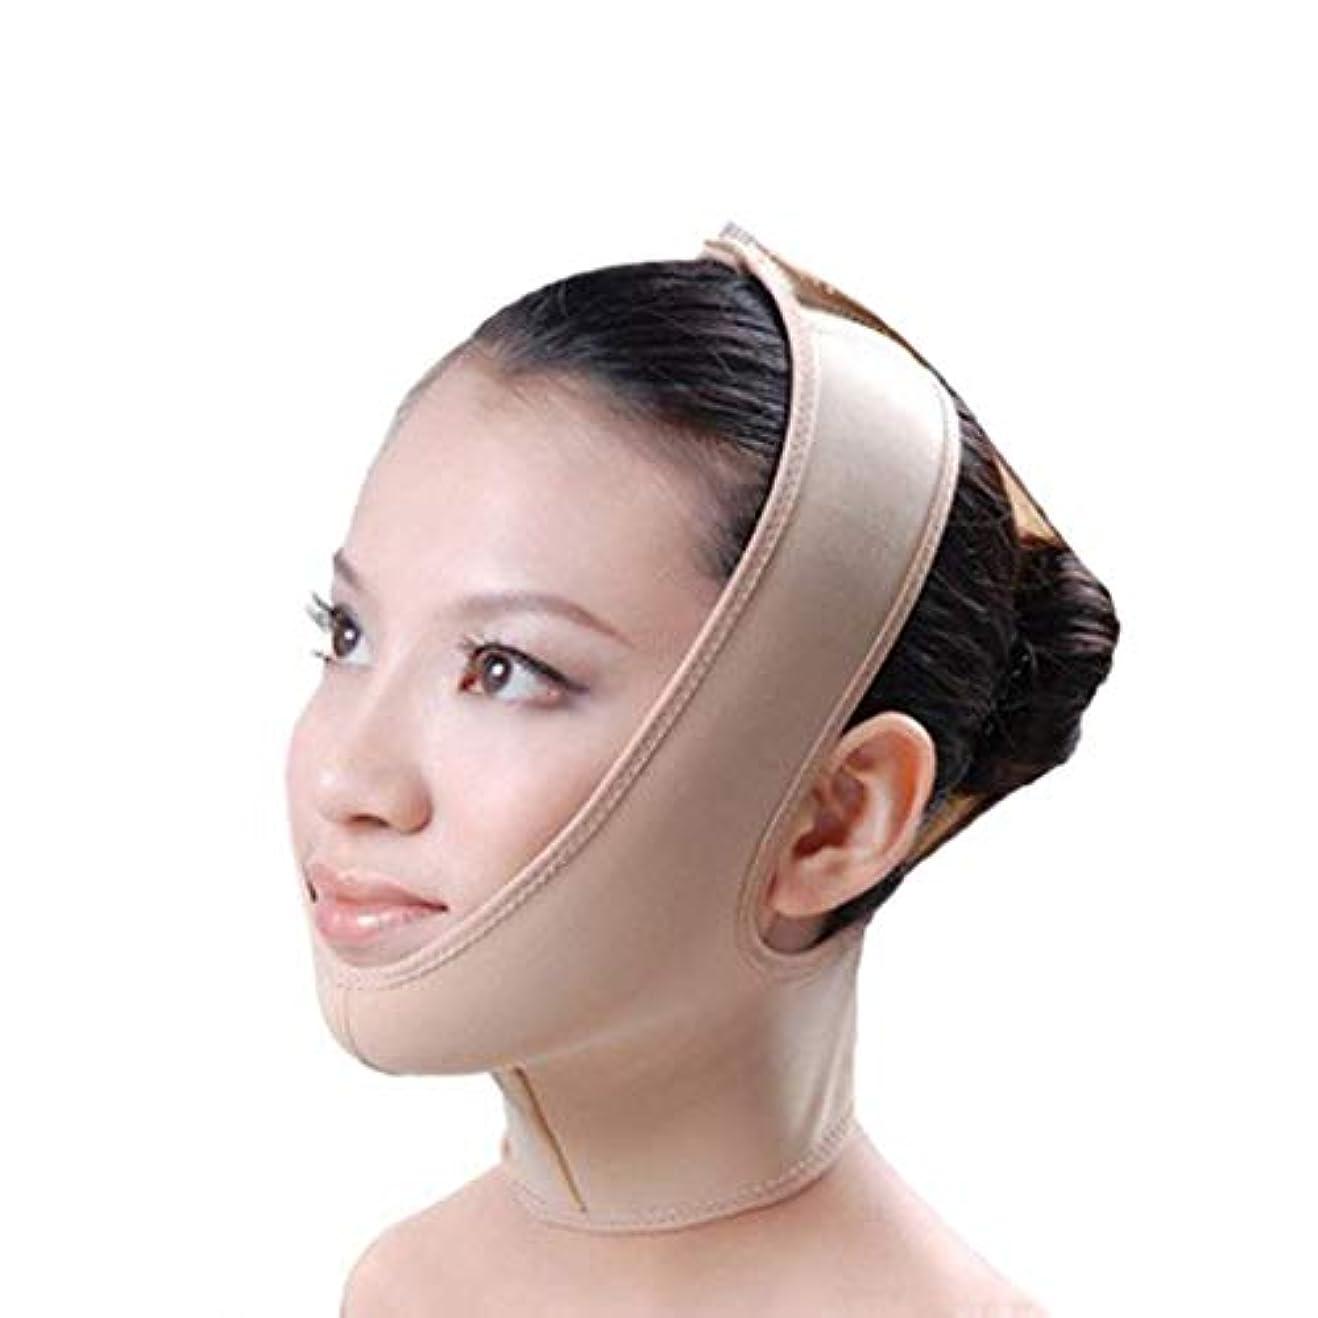 変装熱意デンマーク語フェイススリム、リフティングマスク、包帯リフト、二重あご、引き締めフェイシャルリフト、フェイシャル減量マスク、リフティングスキン包帯(サイズ:XL),S